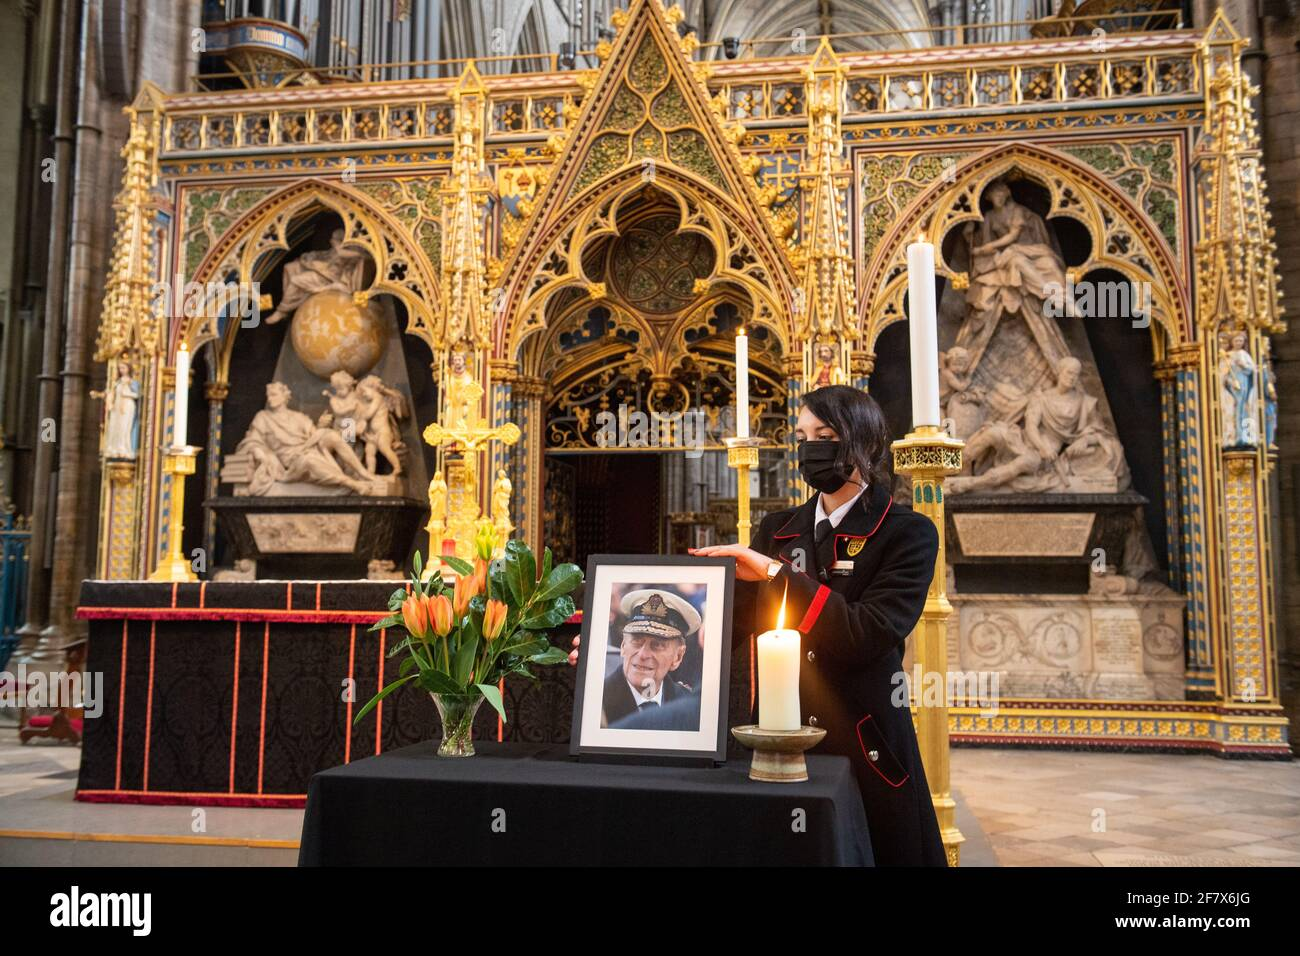 Rosa Wlodarczyk regola una fotografia del duca di Edimburgo esposta a fianco della navata dell'abbazia di Westminster, Londra, che è stata vestita di nero per segnare la sua morte. Data immagine: Sabato 10 aprile 2021. Foto Stock